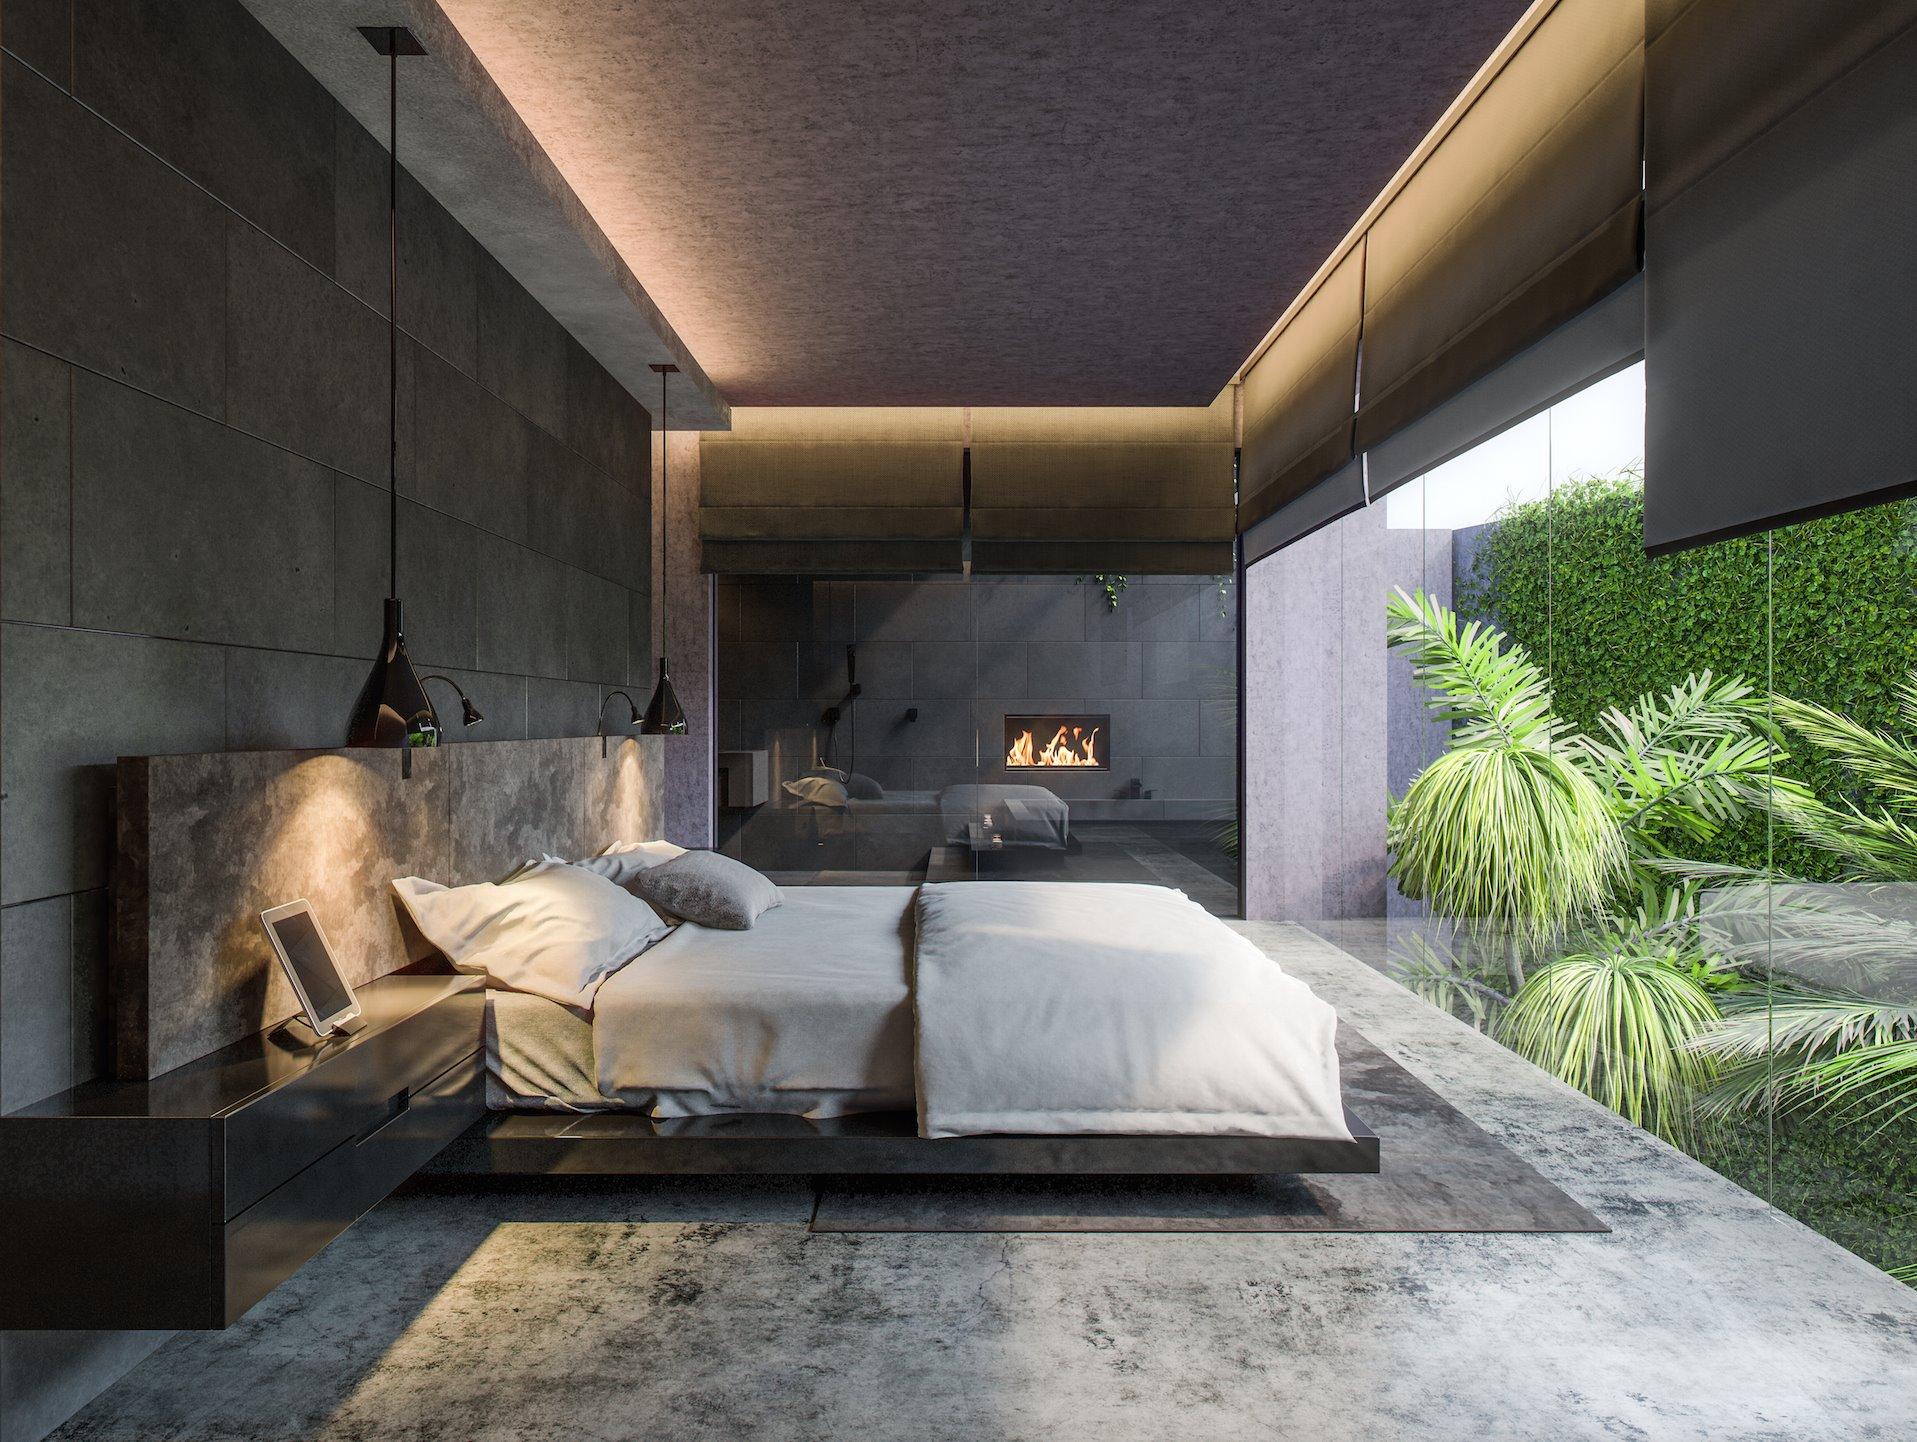 Sanctum Thailand 1 bedroom